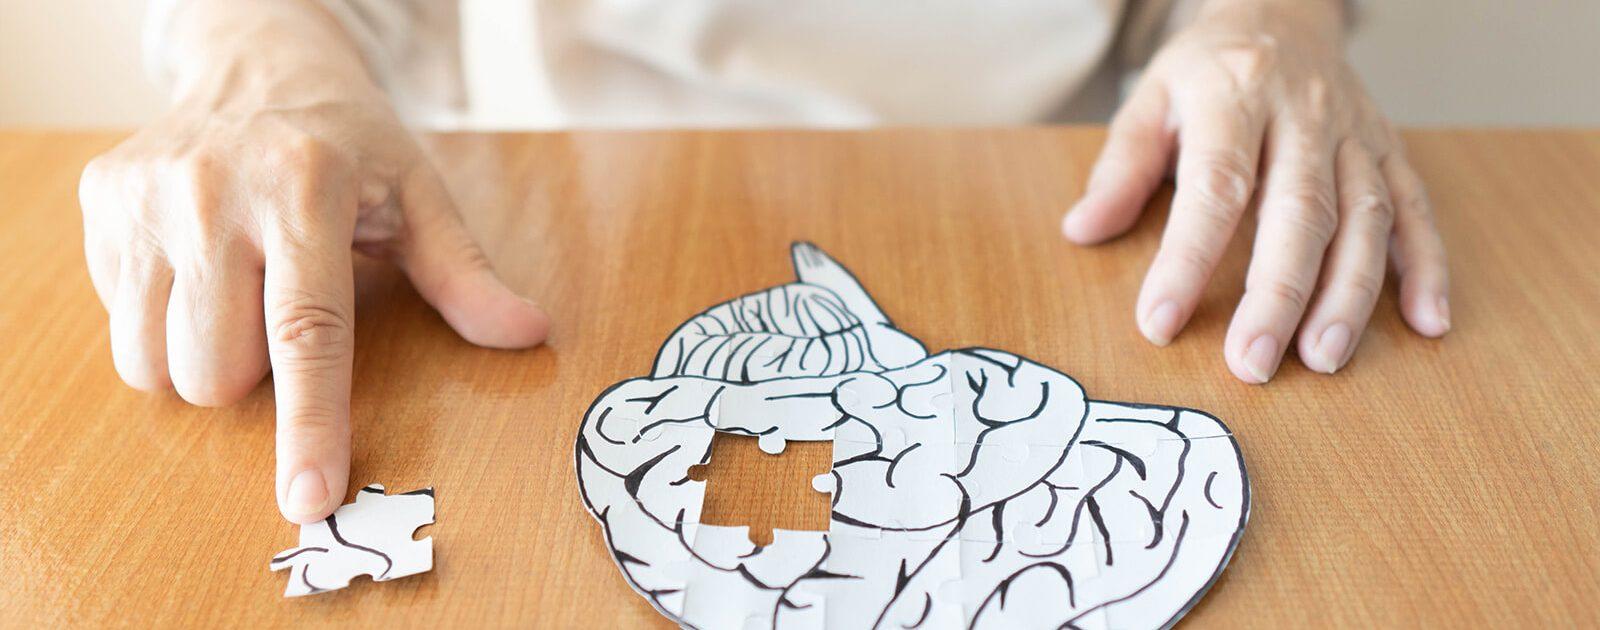 Ältere Frau entfernt symbolisch für Alzheimer ein Puzzleteil aus einem als Gehirn geformten Puzzle.